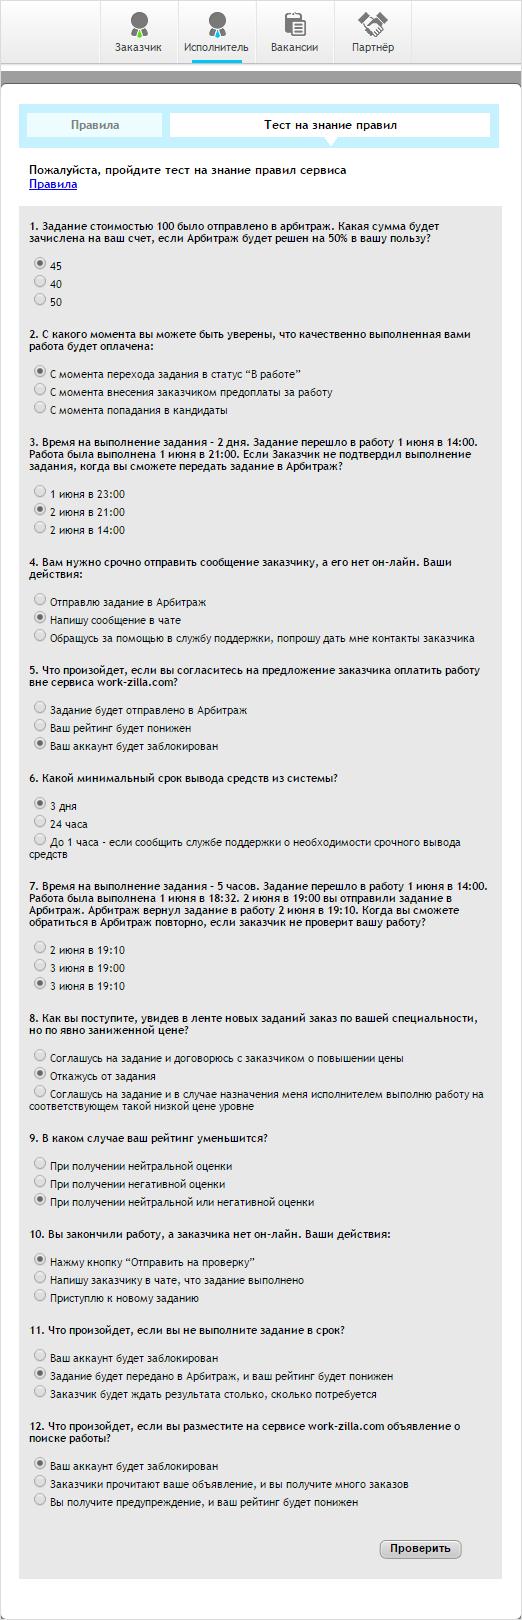 WorkZilla ответы на тест